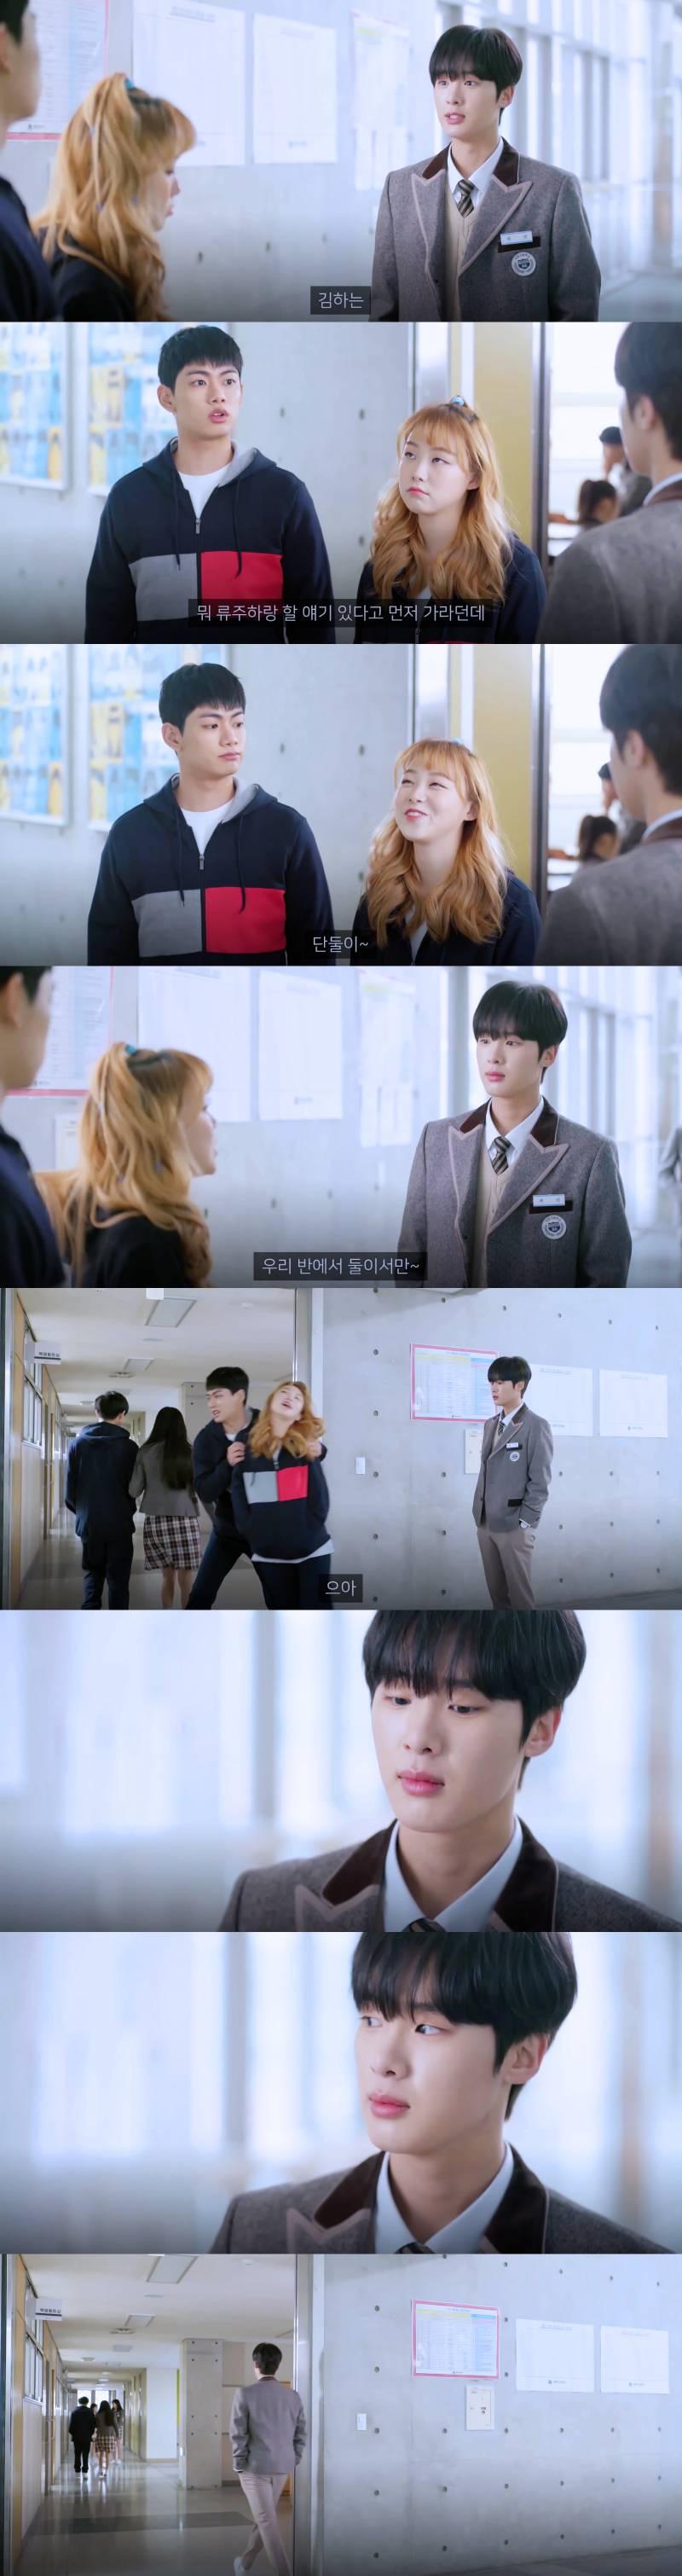 [에이틴] 학원물 클리셰 범벅+얼굴맛집 삼각관계 드라마 ㄷㄷ | 인스티즈